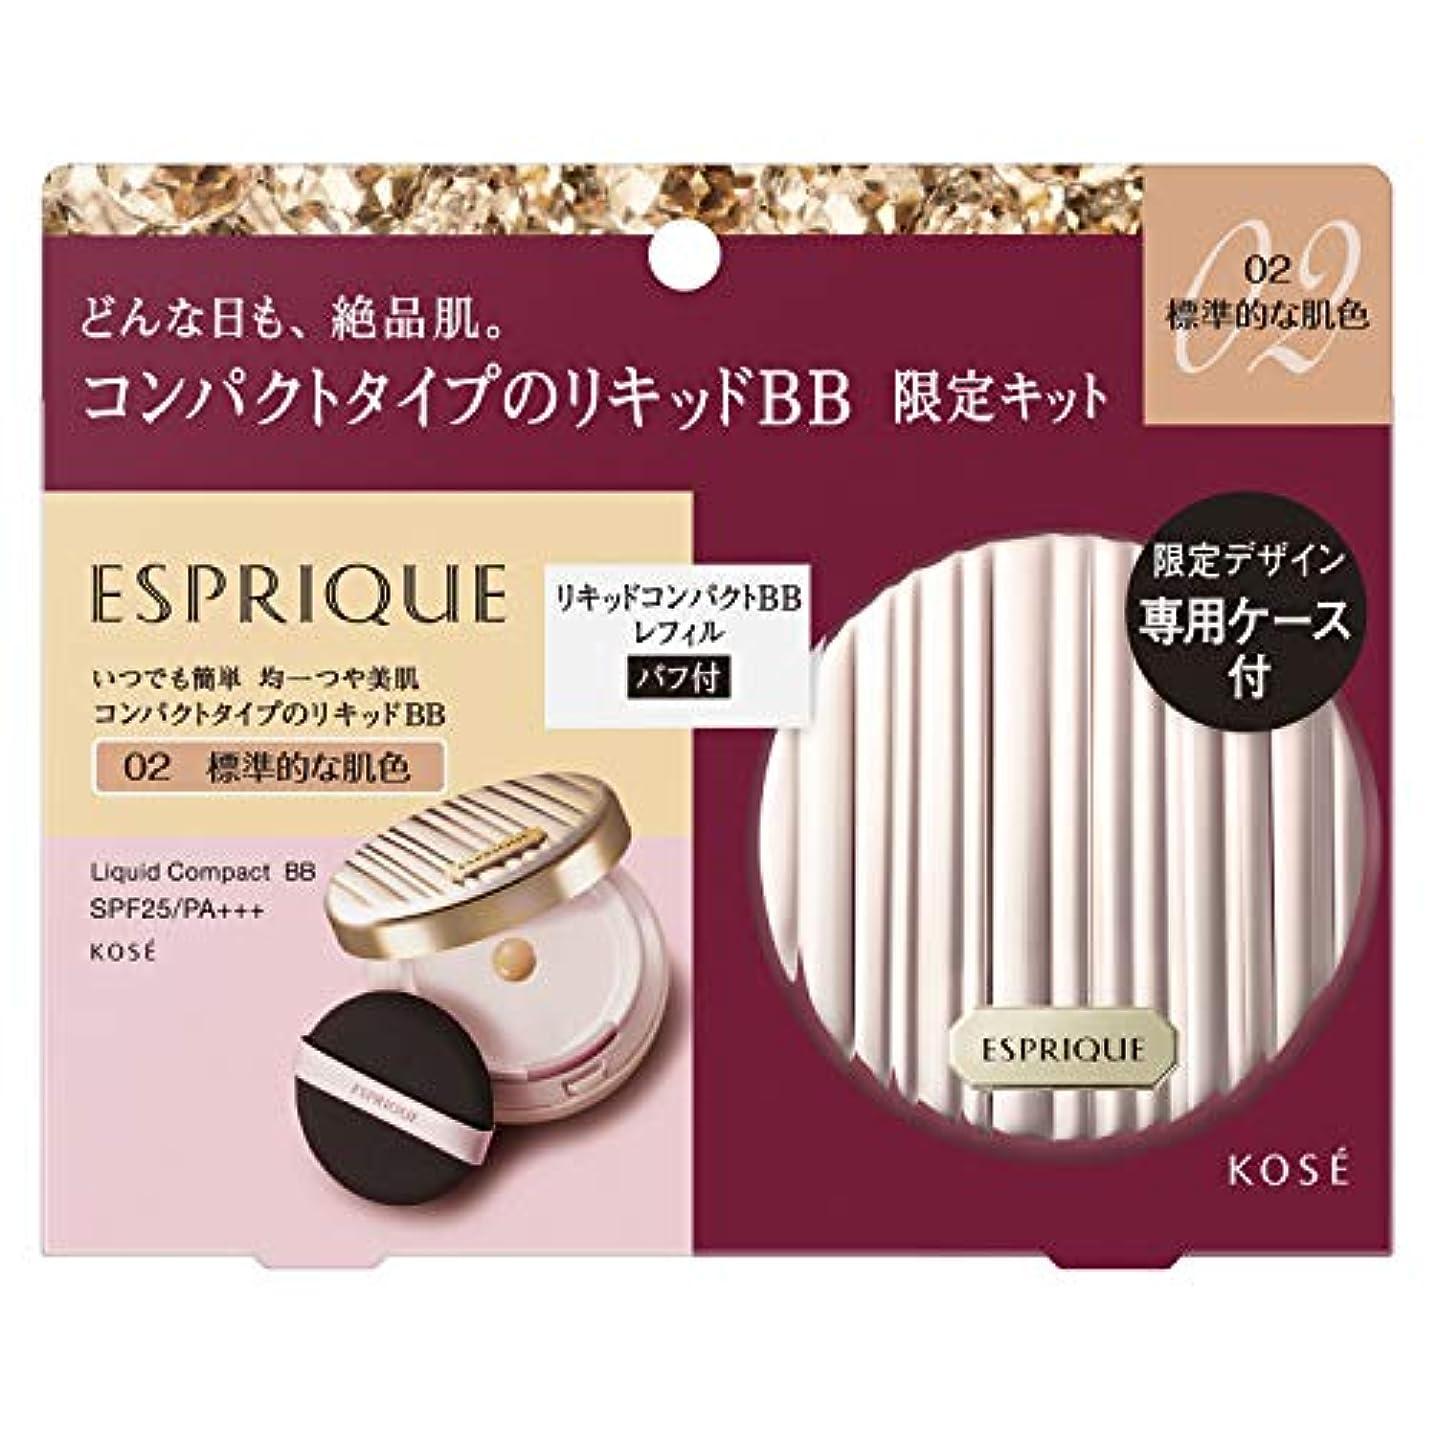 文明化する香水ライバルエスプリーク リキッド コンパクト BB 限定キット 2 02 標準的な肌色